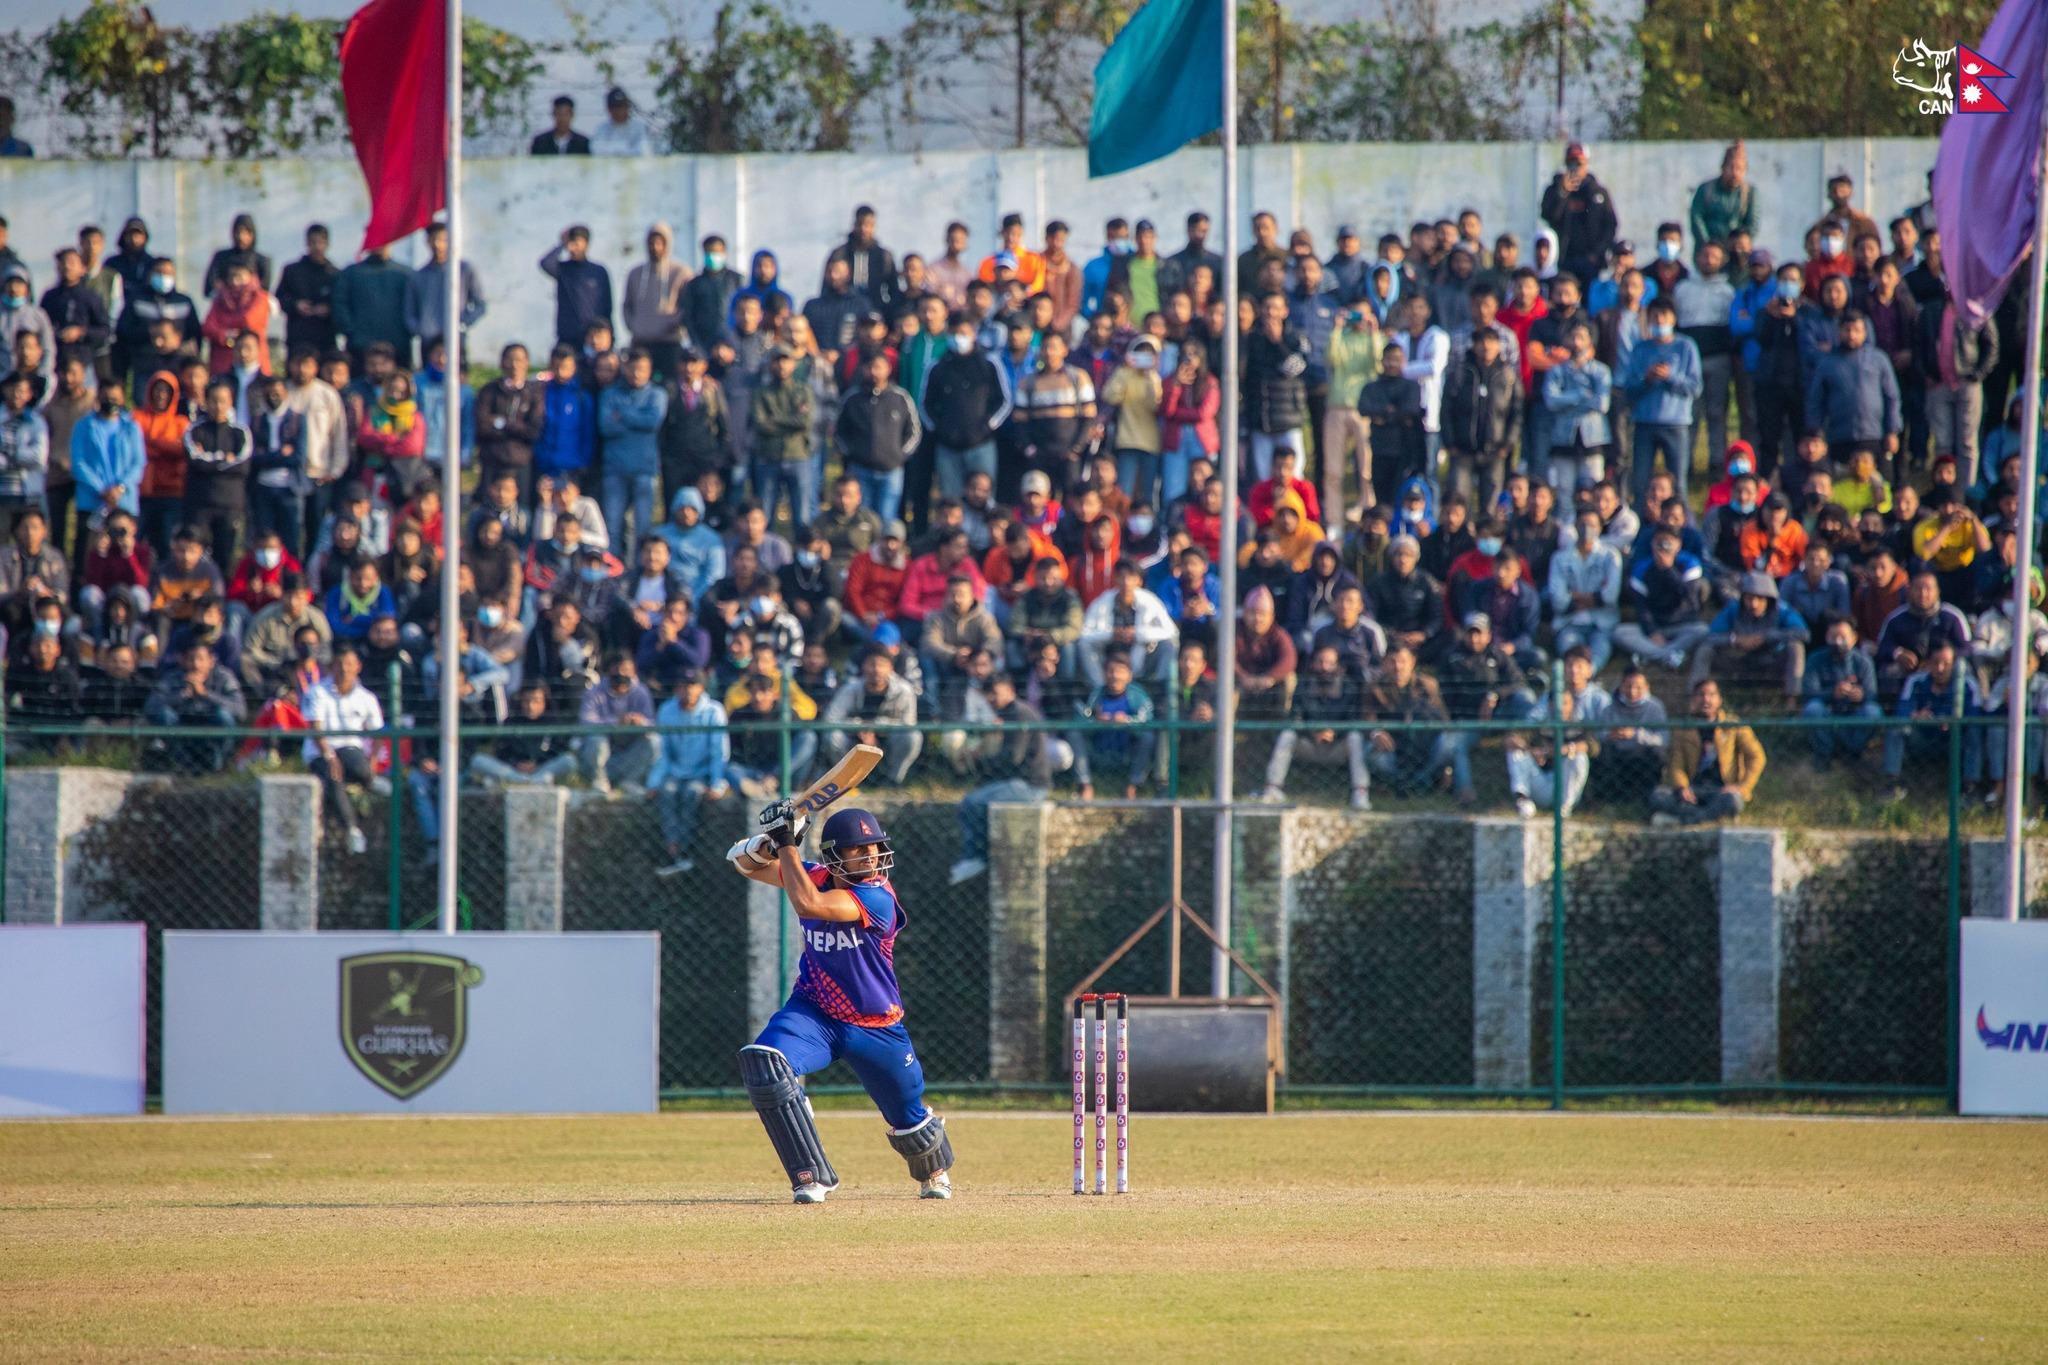 जर्मनीले इंग्ल्याण्डसँग हार्दा मैदानमा नै रोएकी किशोरी समर्थकको सहयोगमा उठ्यो ३६ हजार पाउण्ड रकम